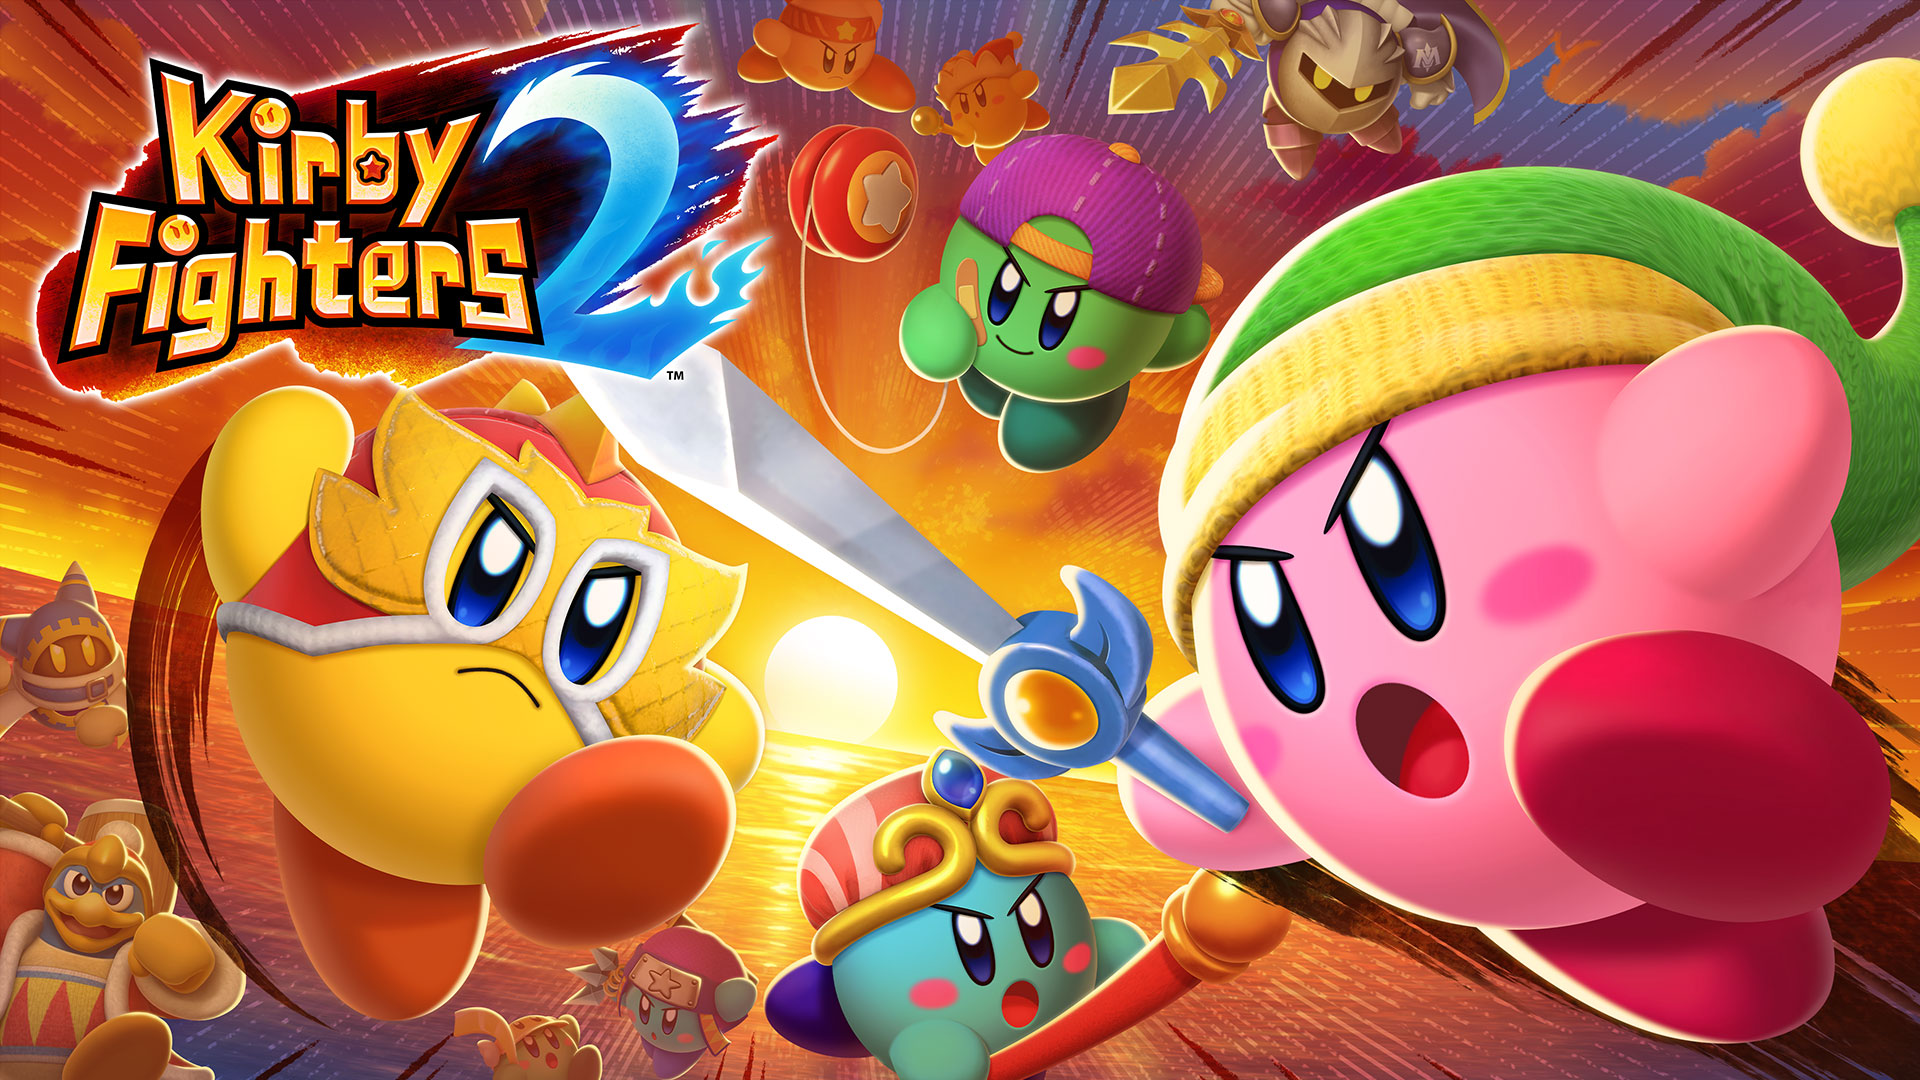 Kirby Fighters 2 llegó a la Switch: nuevos personajes, más habilidades y multijugador en línea